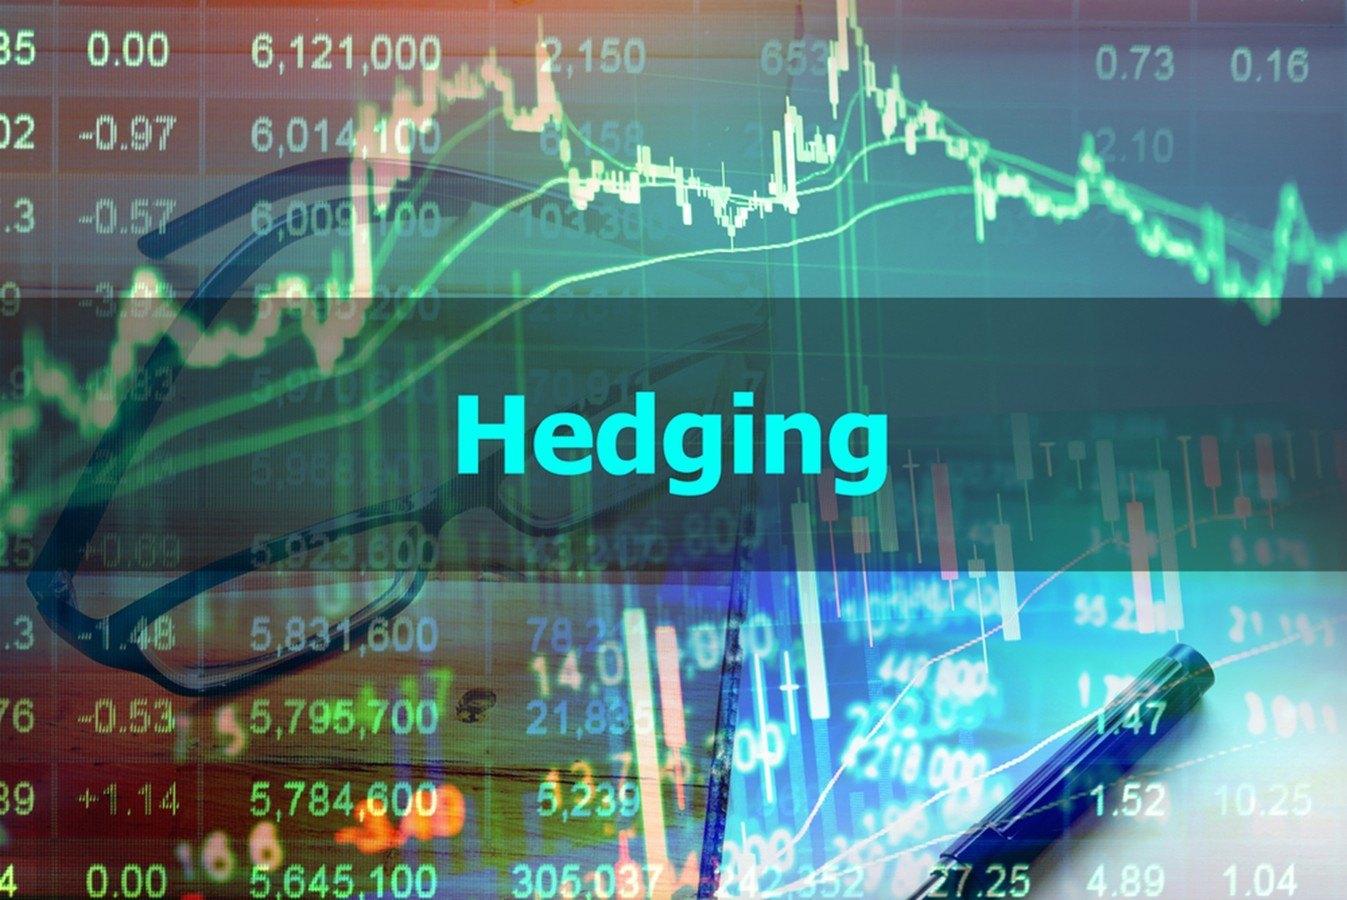 Mitä hedging tarkoittaa?